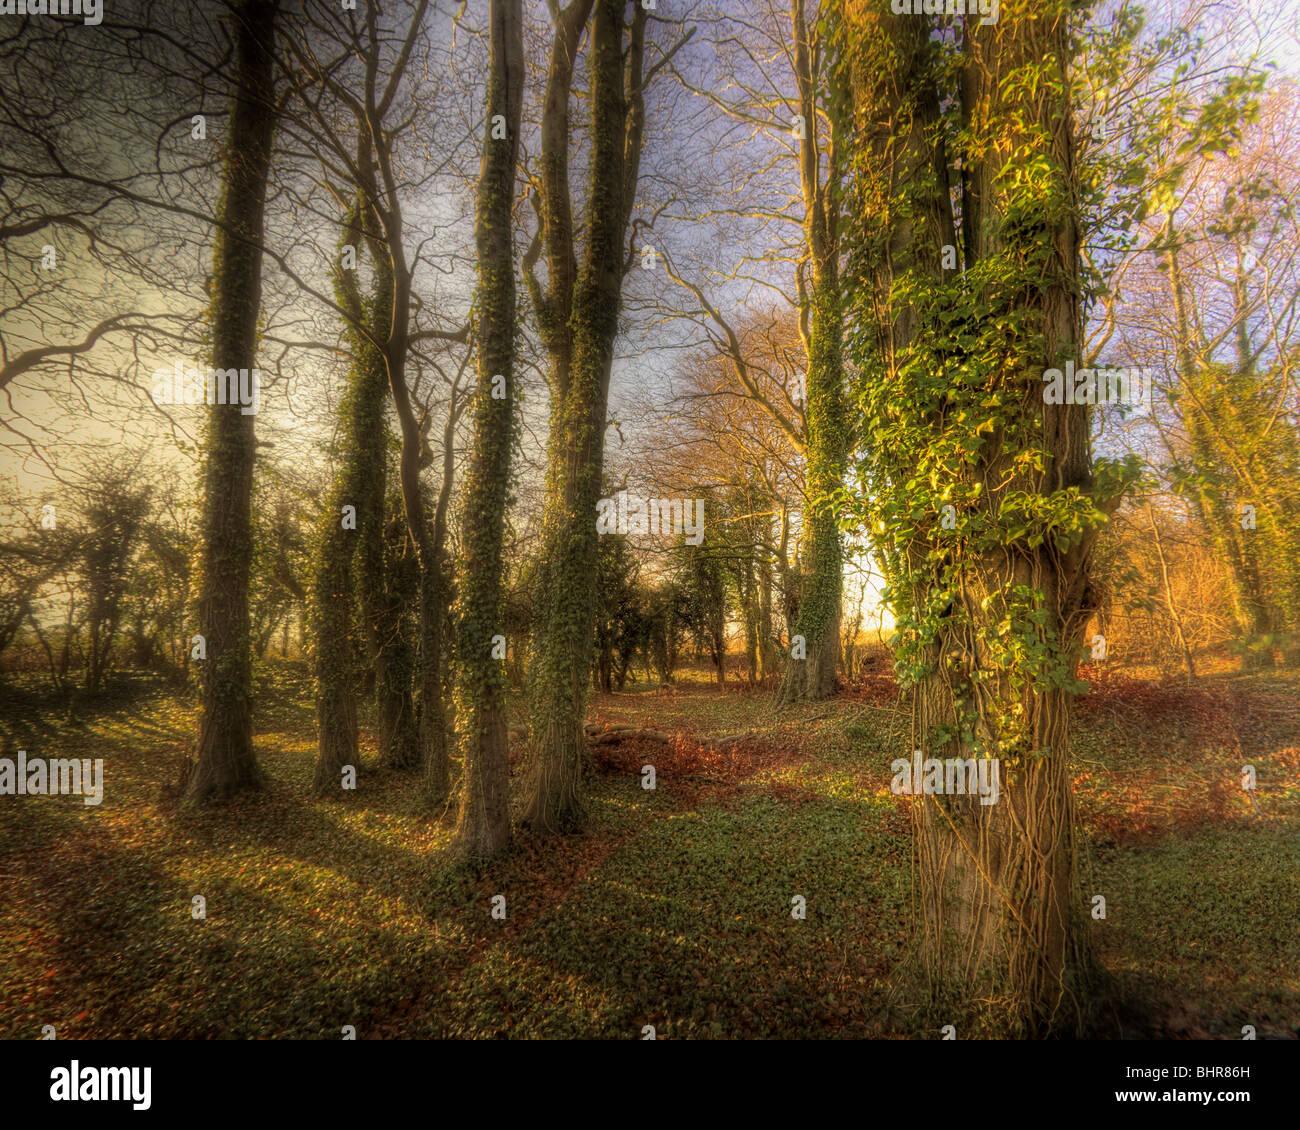 PHOTO ART: Magic Woods (United Kingdom) - Stock Image